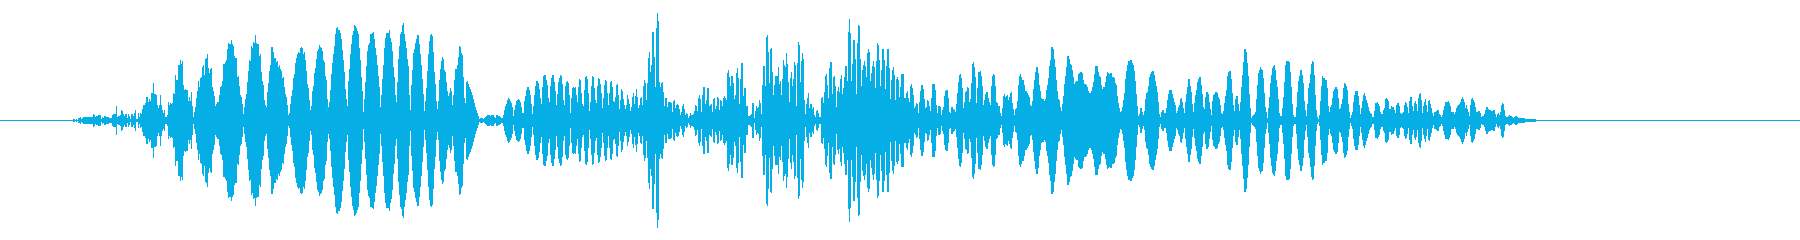 ボムッという軽い風切り音の再生済みの波形